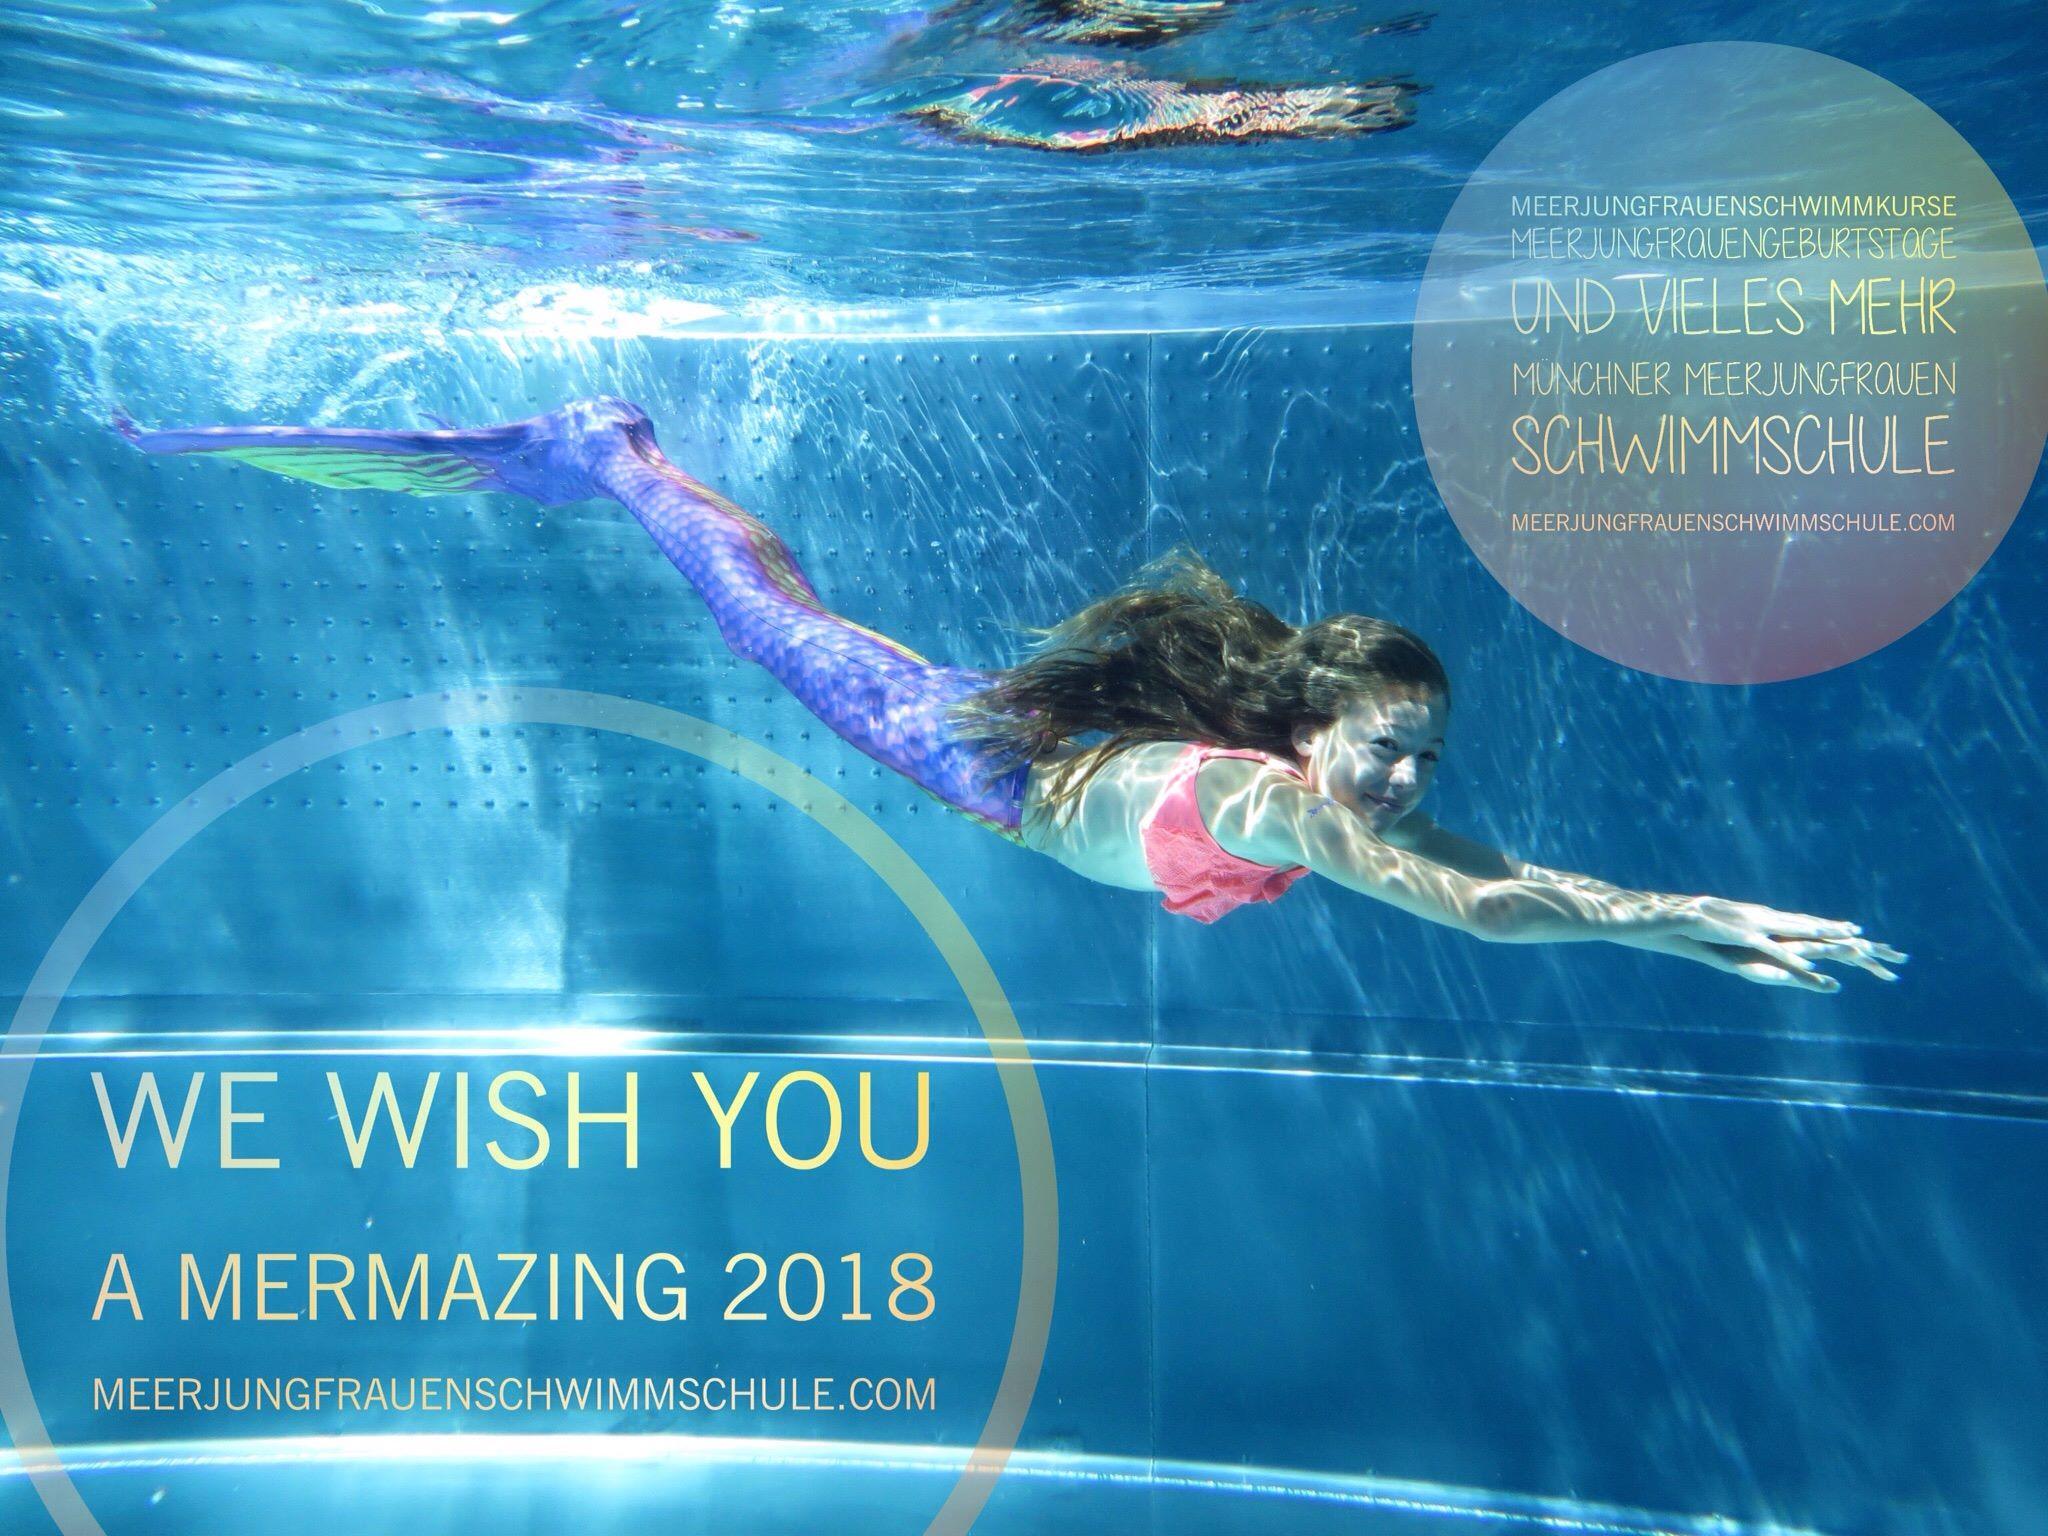 Münchner   Meerjungfrauen     Schwimmschule